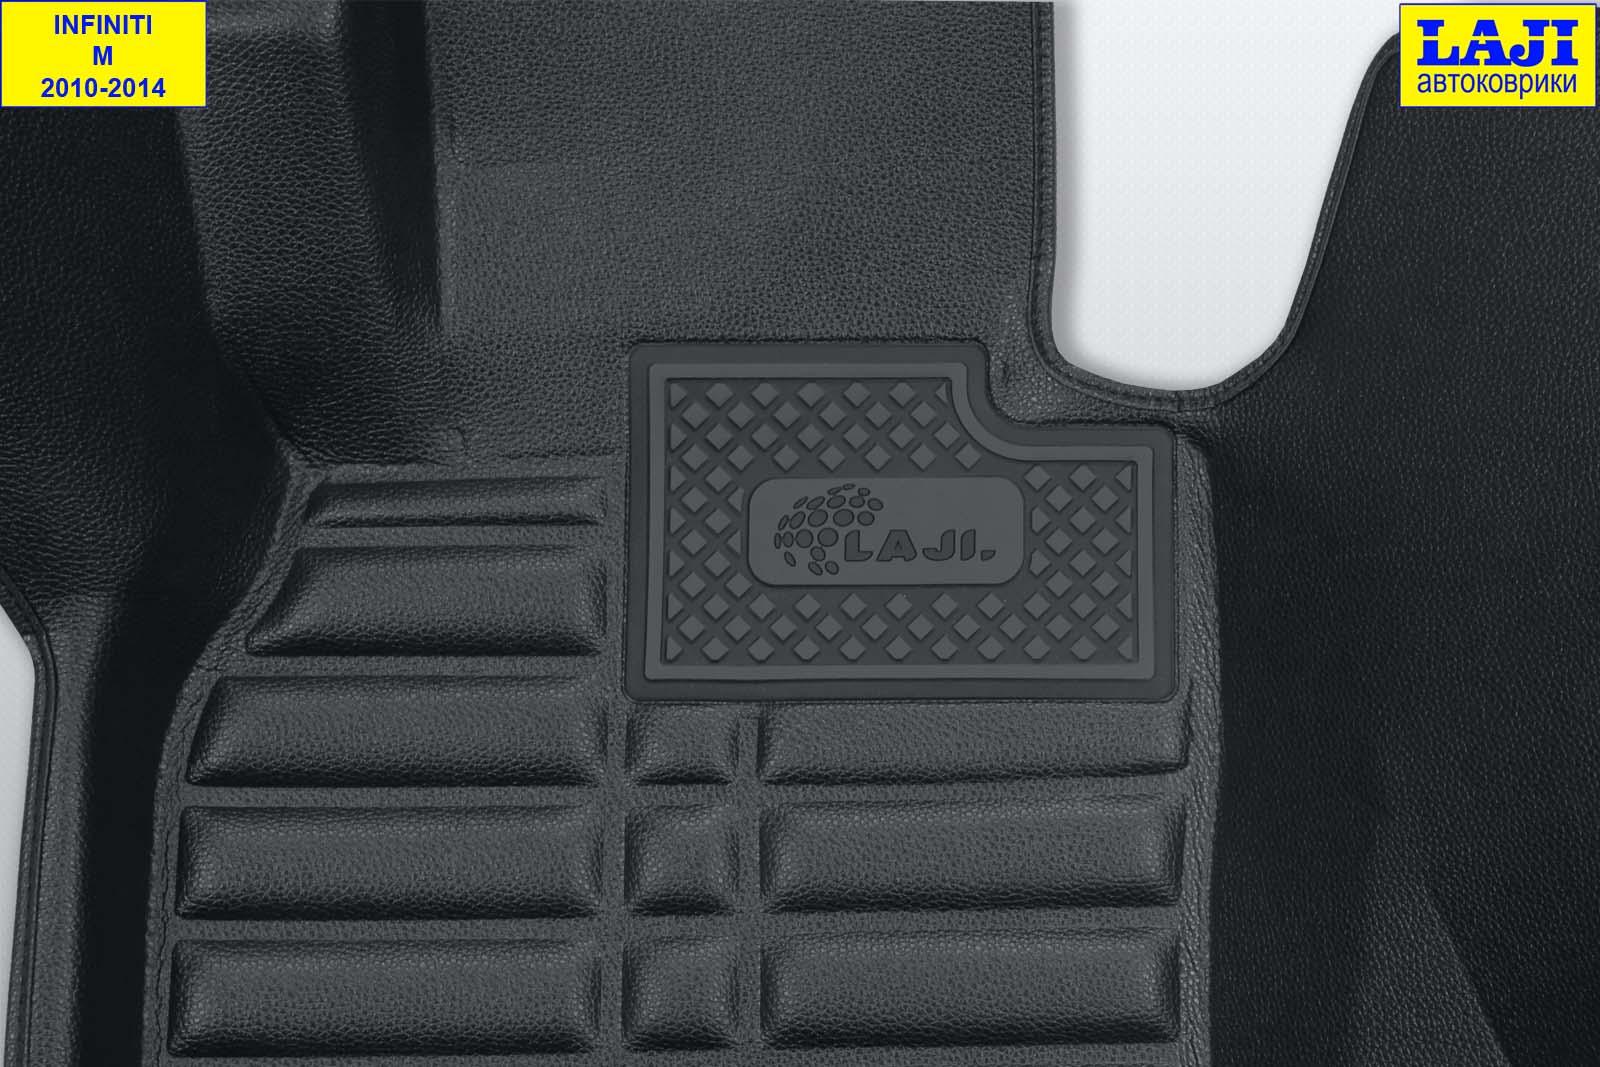 5D коврики в салон Infiniti M25 / M37 / M56 2010-2013 7